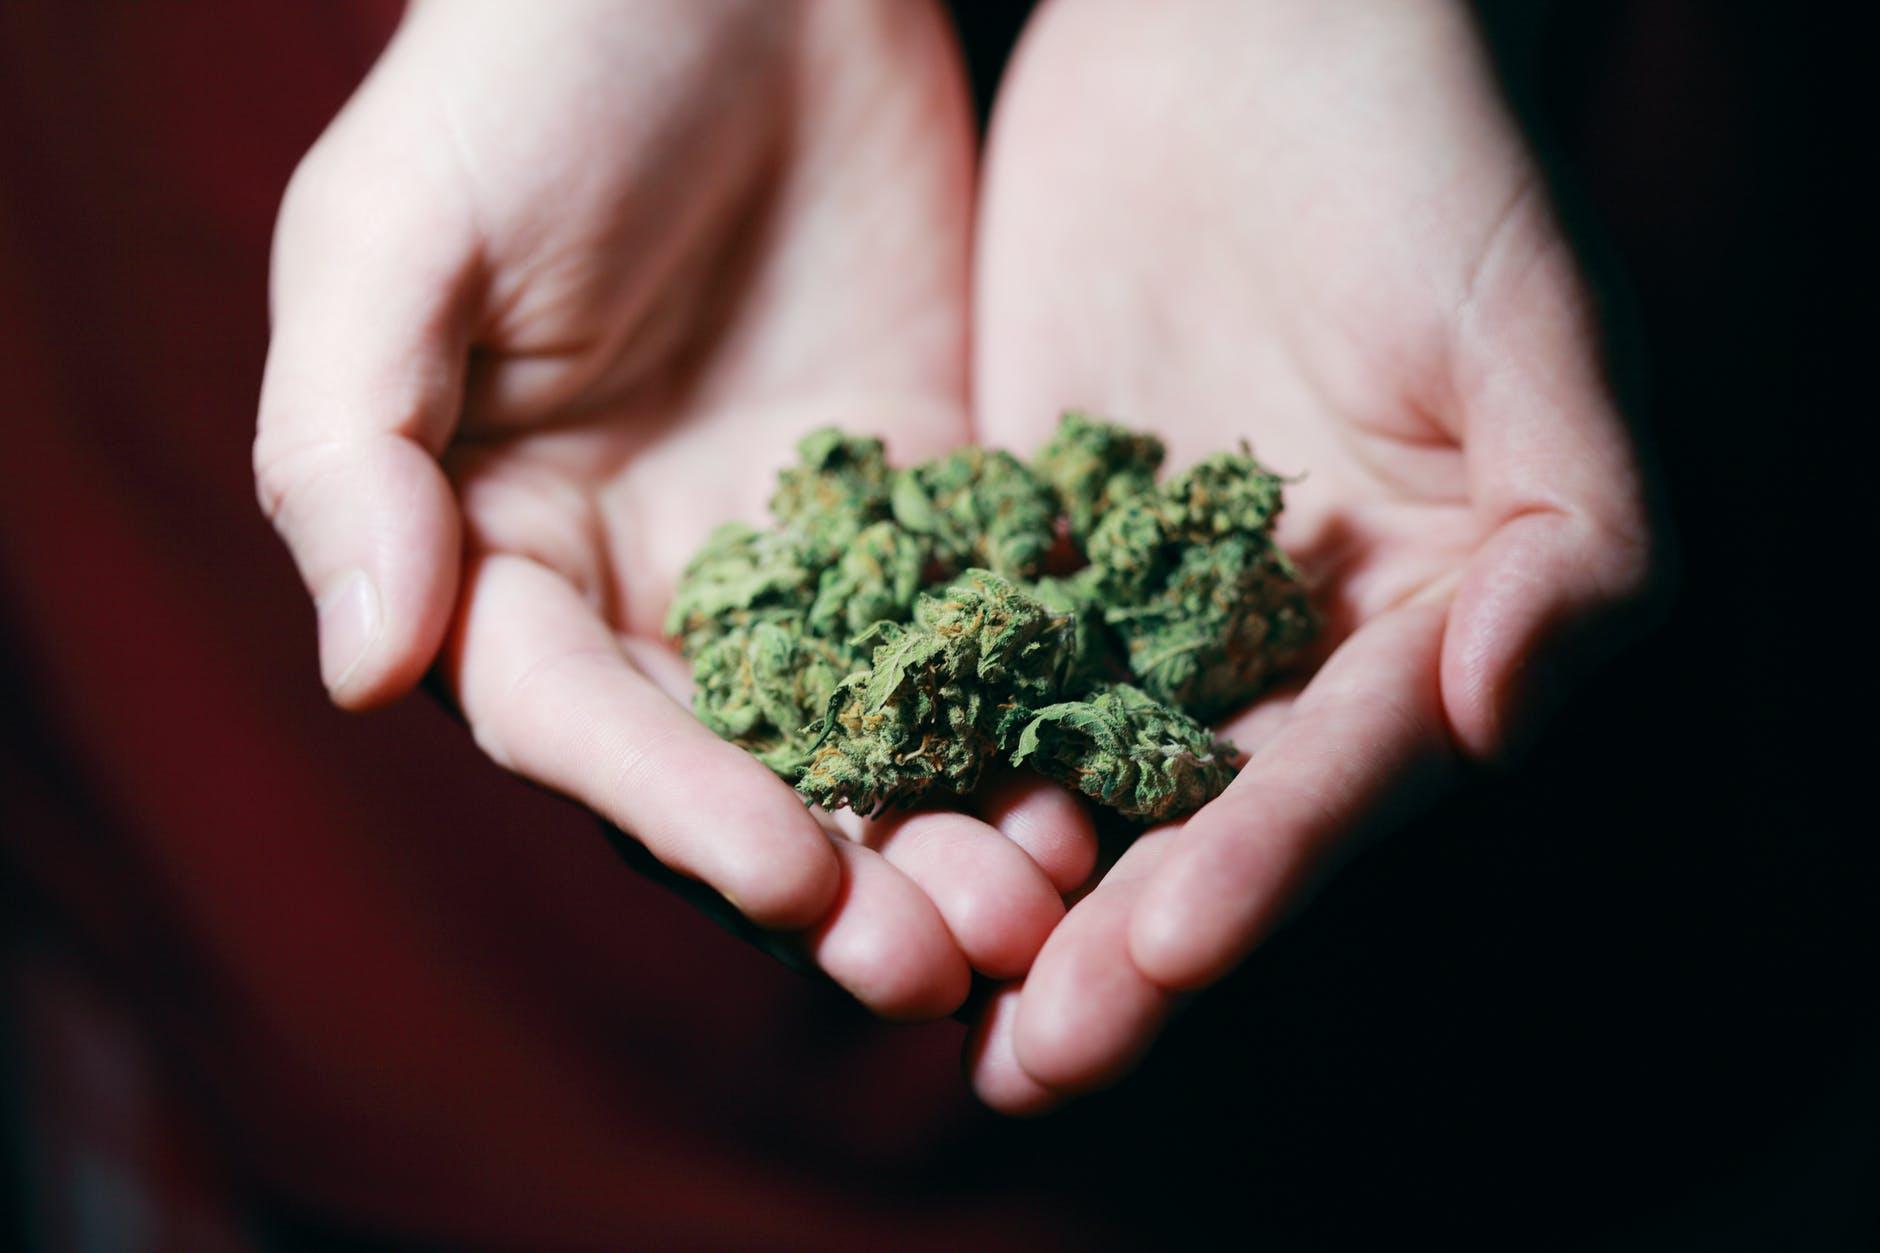 Fiori Infiorescenze Cannabis Light Canapa Legale Hemporio Emilia